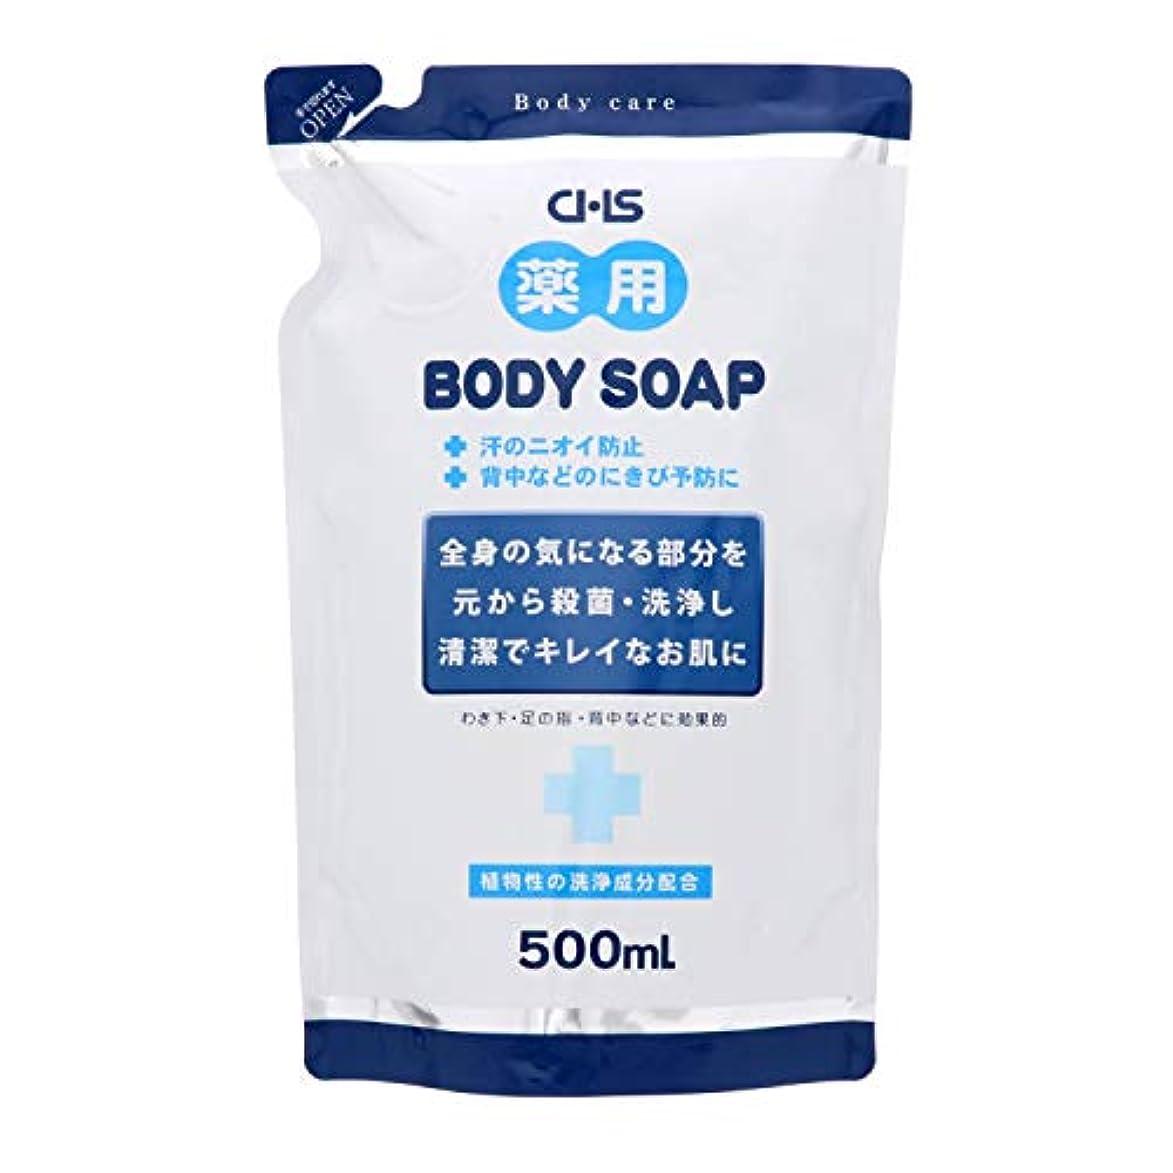 ルー北極圏医薬品CHS 薬用ボディソープ 500ml